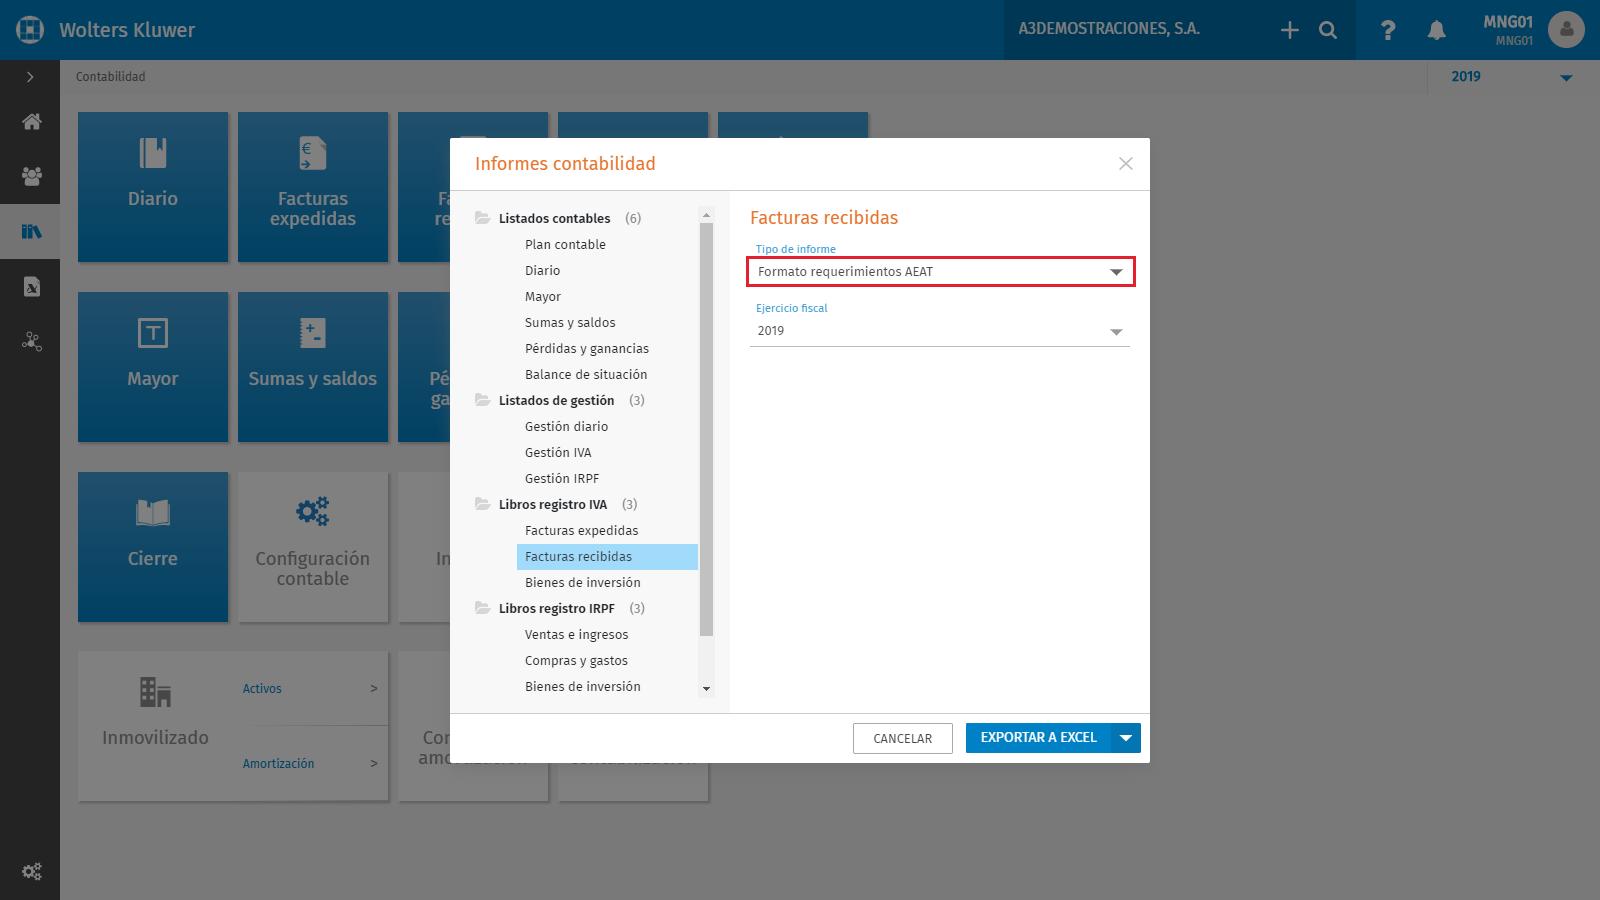 Informes_contabilidad_FR_Formato requerimientos AEAT